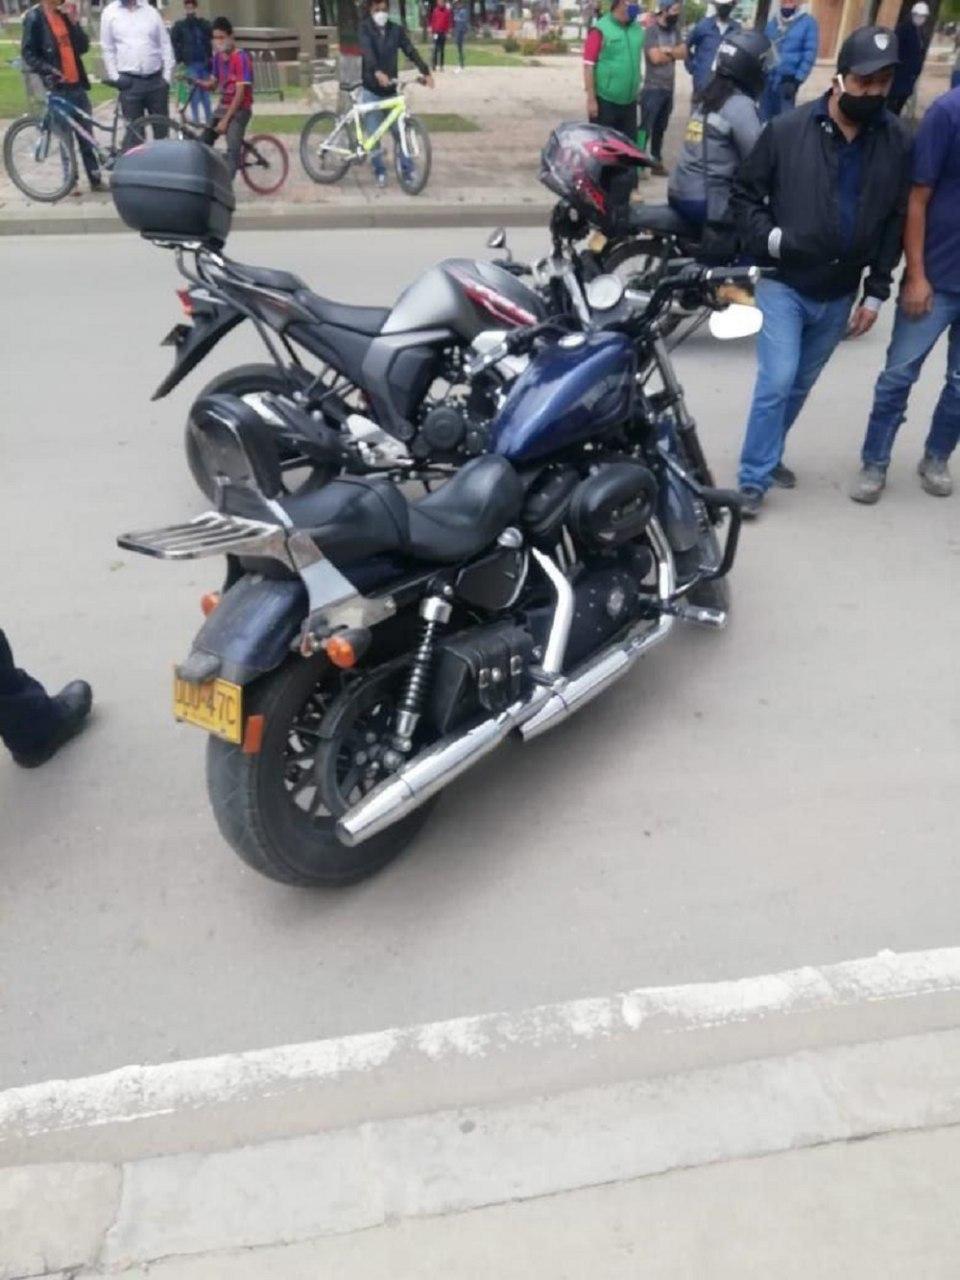 En esta motocicleta se desplazaba Carlos Pinilla, quien fue herido por dos ladrones cuando intentaban robarlo en Sogamoso. Fotos: archivo particular